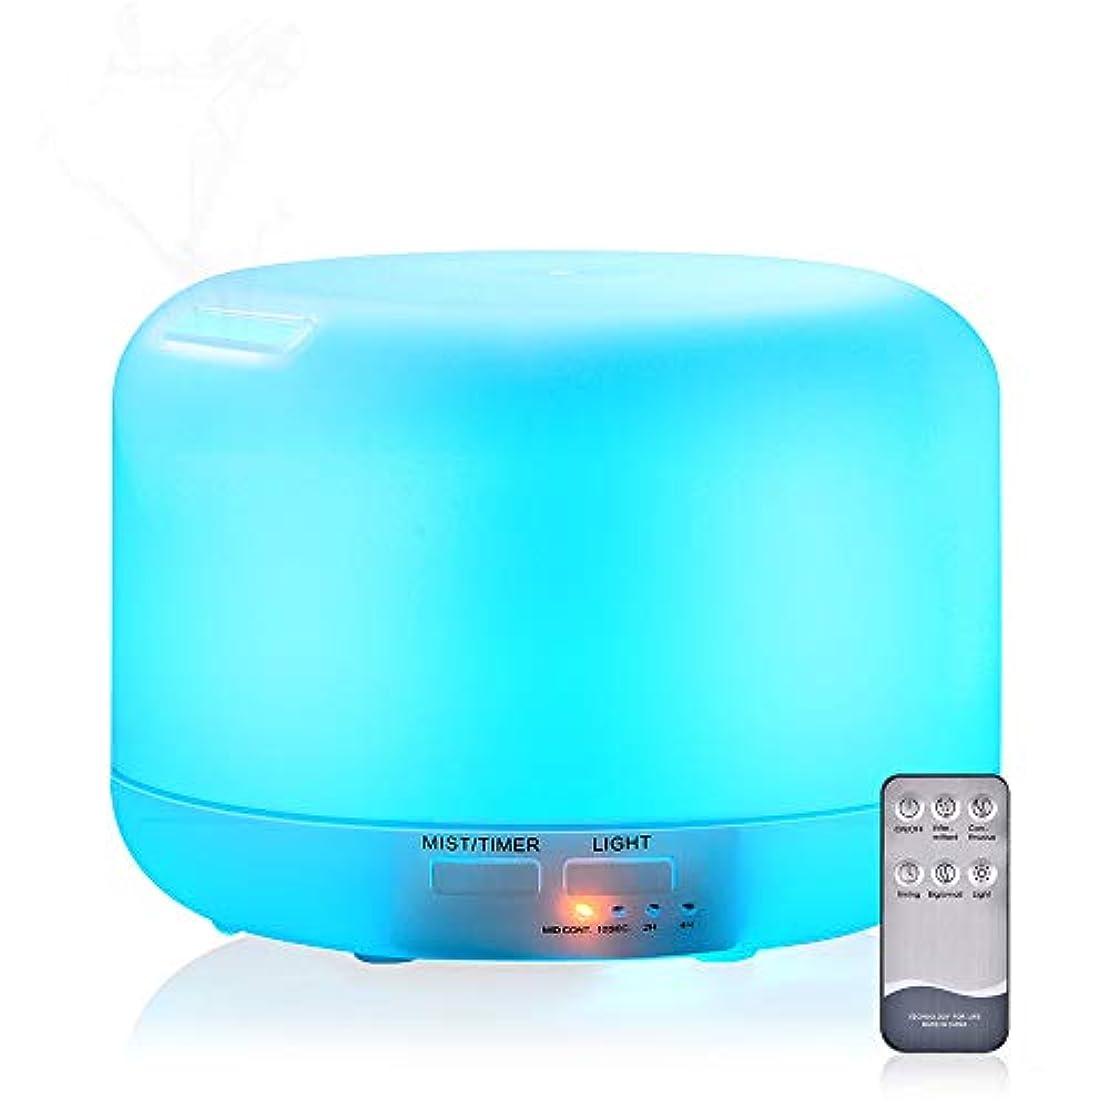 コインひどい伝統的500ミリメートルリモコン空気アロマ超音波加湿器カラーLEDライト電気アロマセラピーエッセンシャルオイルディフューザー